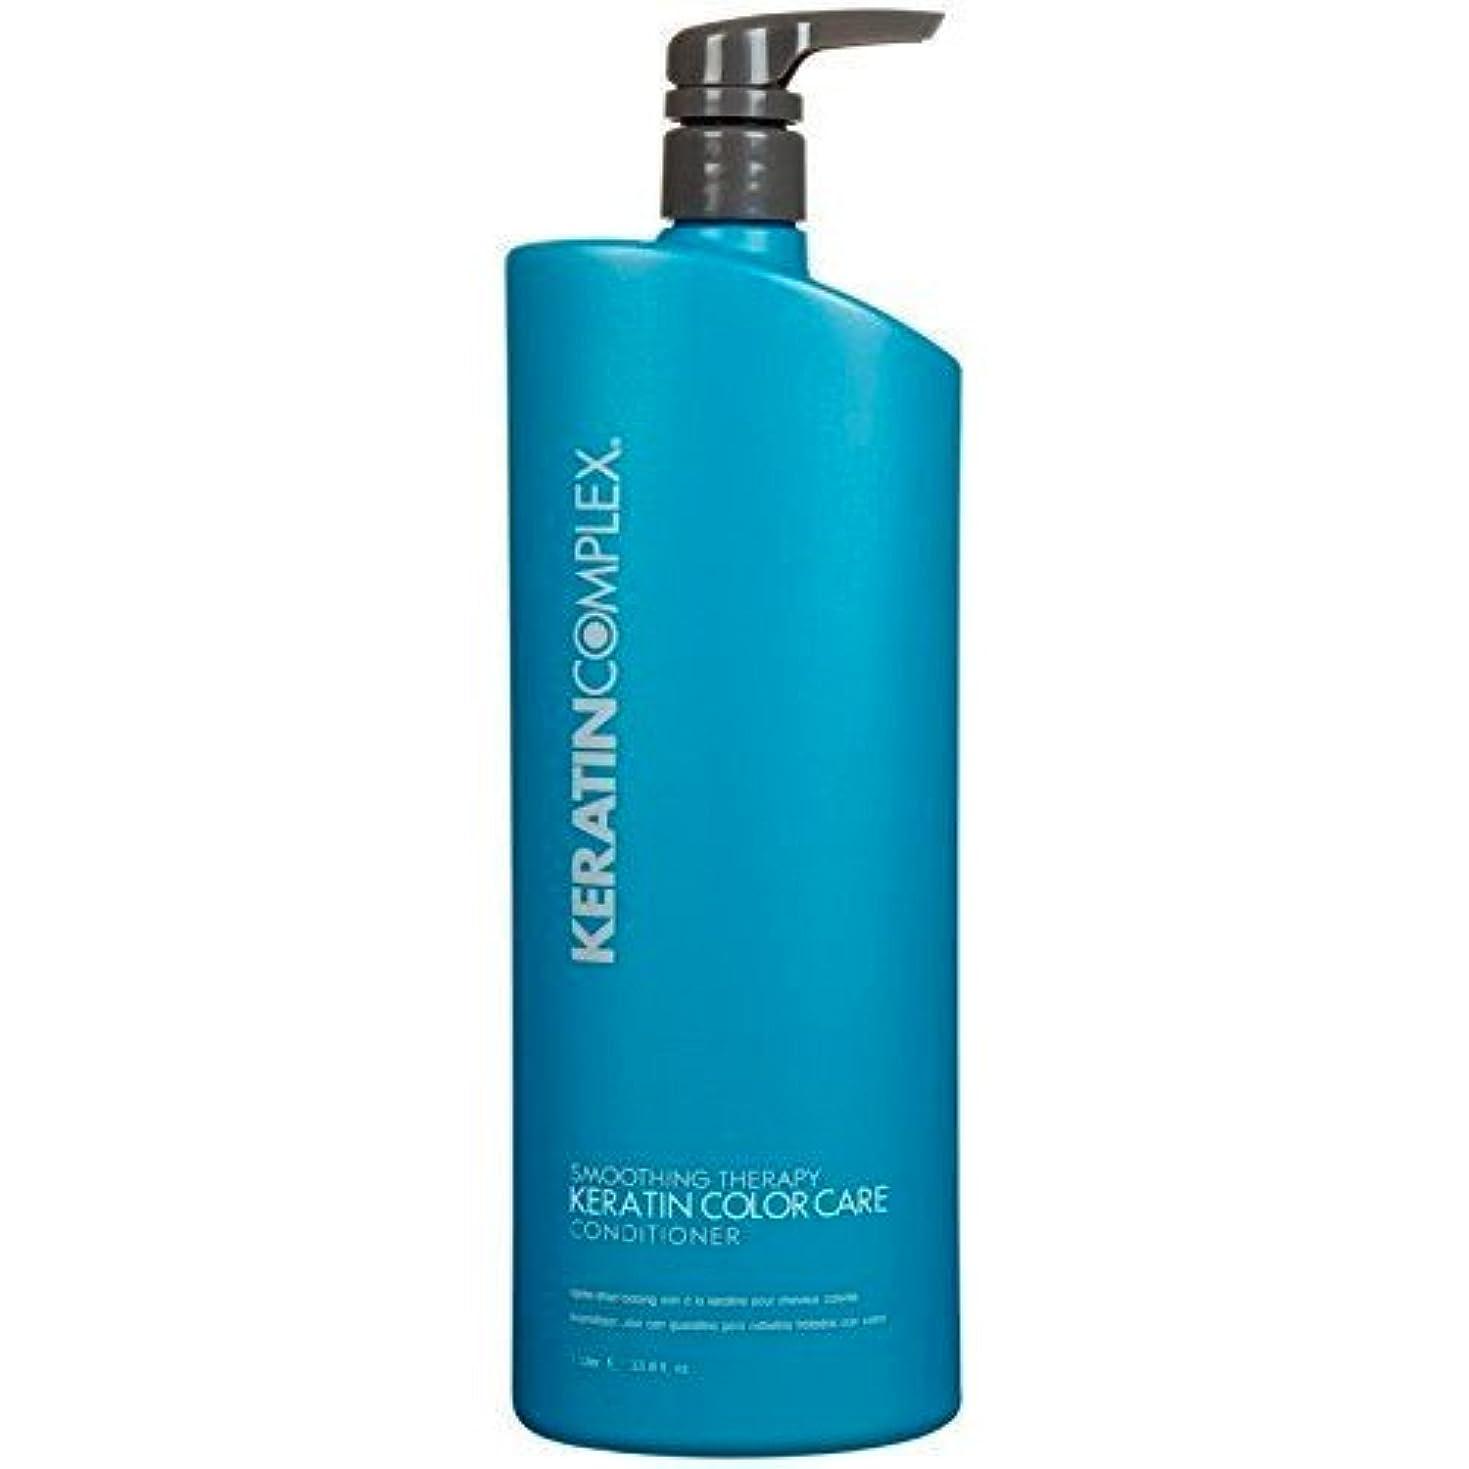 記念苦しみ殺しますケラチンコンプレックス Smoothing Therapy Keratin Color Care Conditioner (For All Hair Types) 1000ml